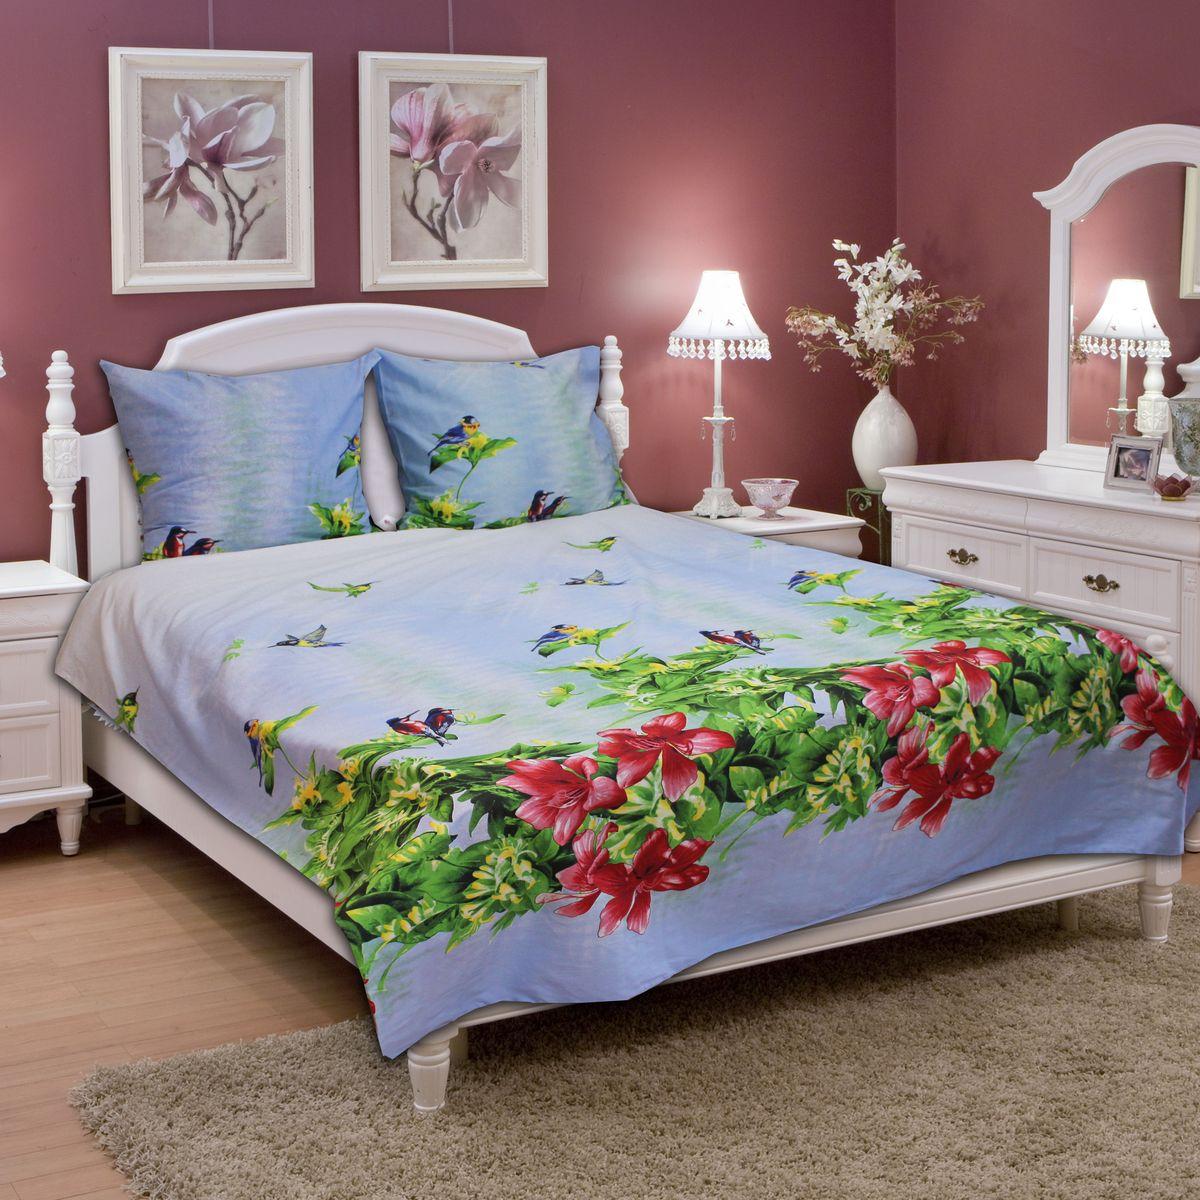 Комплект белья Amore Mio Summer, 2-спальный, наволочки 70х7077717Постельное белье из бязи практично и долговечно, а самое главное - это 100% хлопок! Материал великолепно отводит влагу, отлично пропускает воздух, не капризен в уходе, легко стирается и гладится. Новая коллекция Naturel 3-D дизайнов позволит выбрать постельное белье на любой вкус!